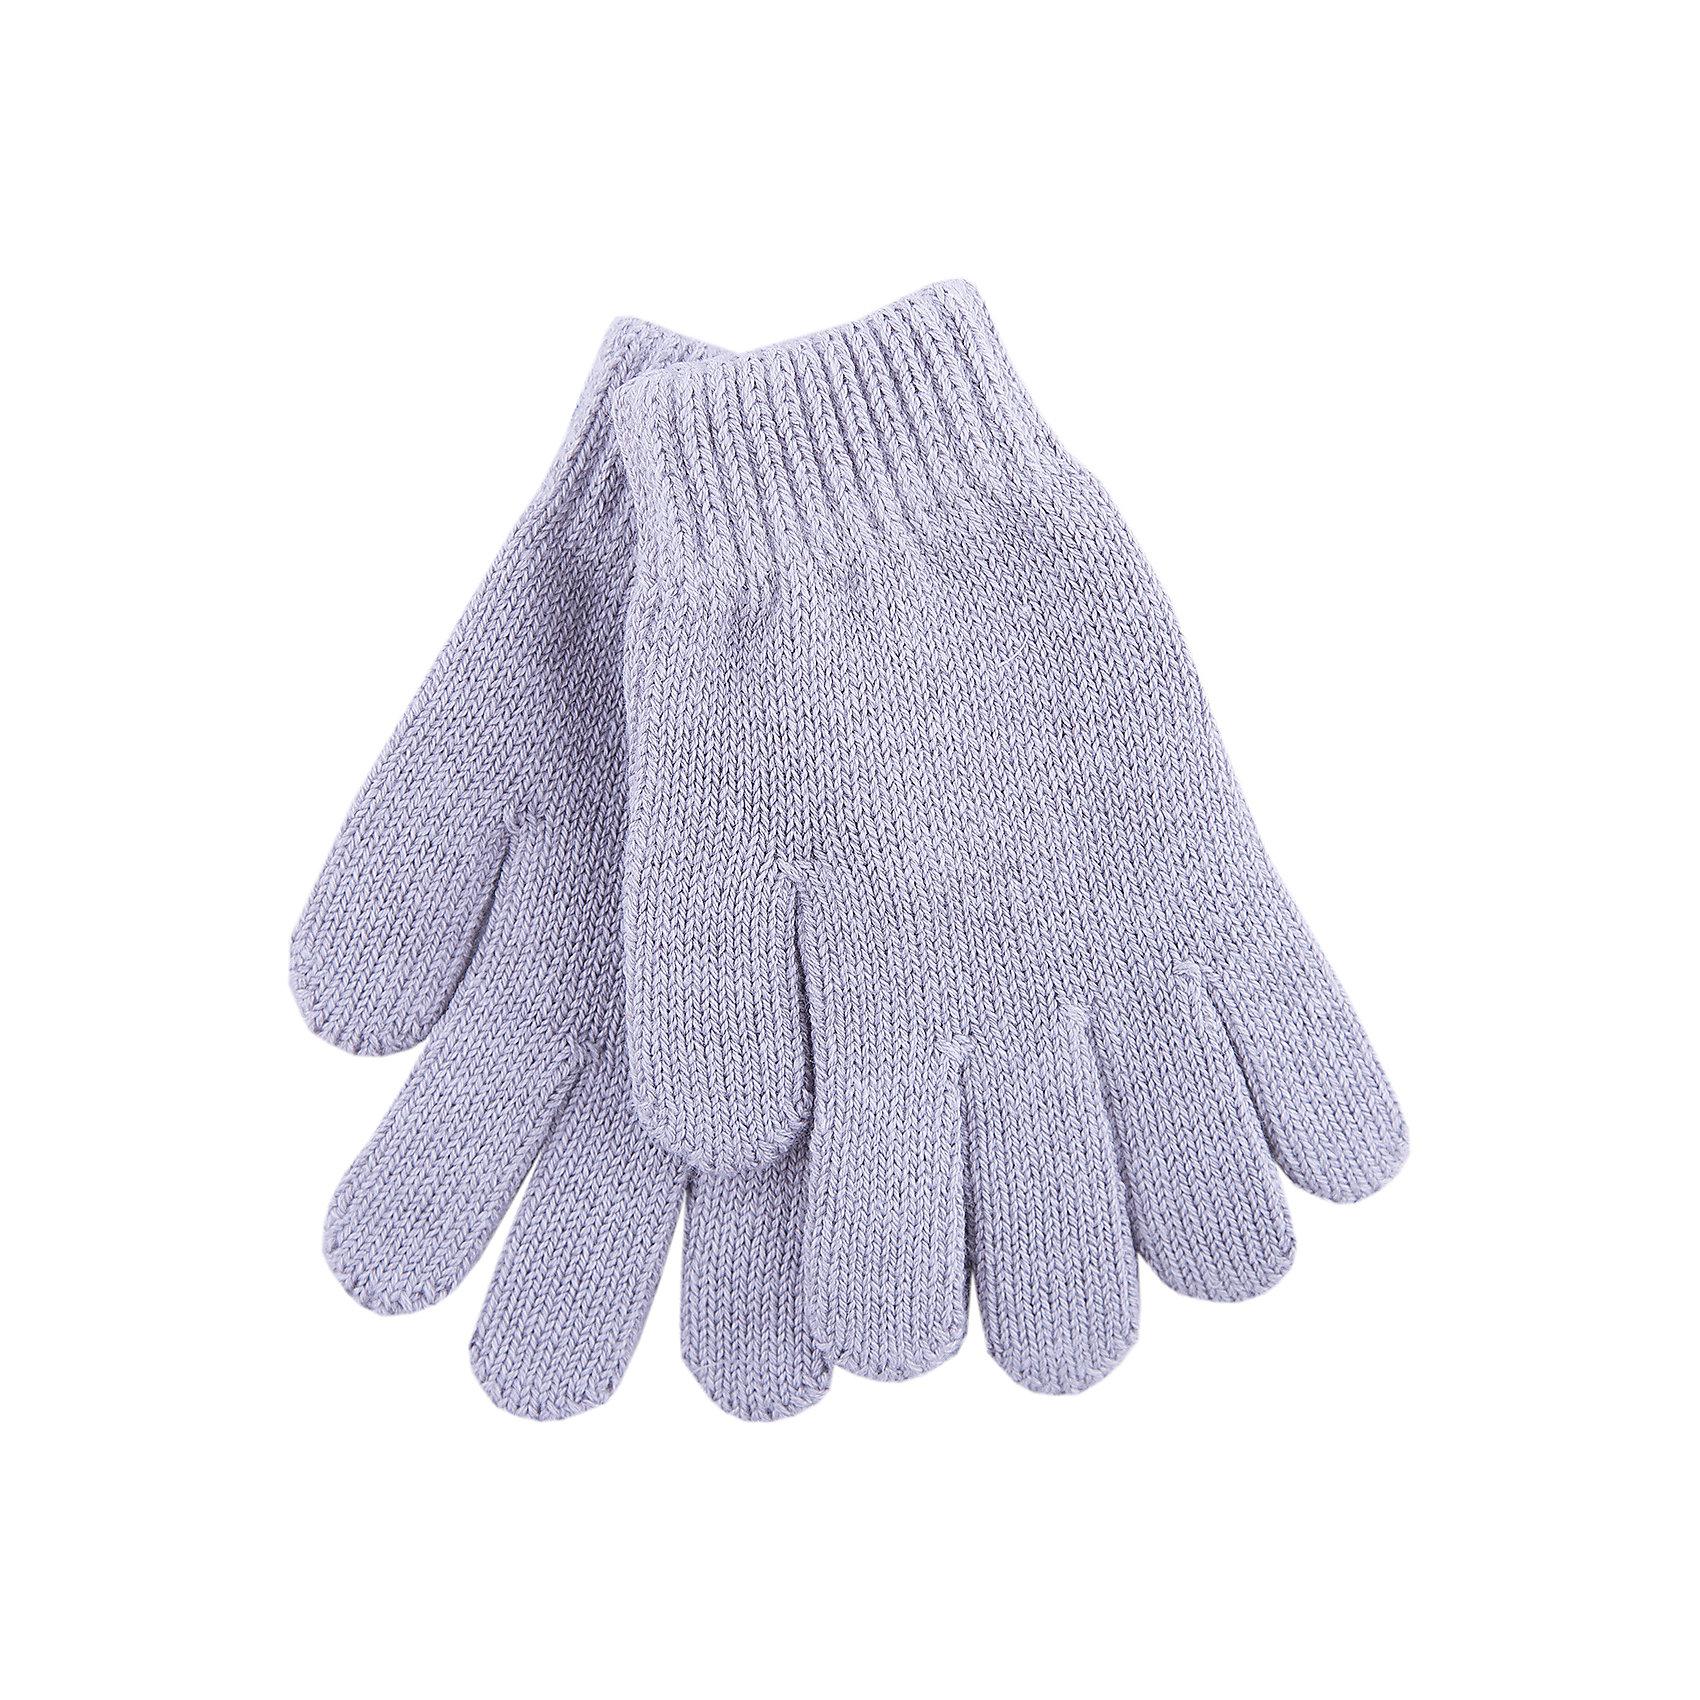 Перчатки для мальчика MayoralПерчатки для мальчика от известного испанского бренда Mayoral. В состав перчаток входит акрил, обладающий гипоаллергенностью и способный сохранять тепло. В таких перчатках ребенку несомненно будет тепло и комфортно!<br>Дополнительная информация:<br>-цвет: серый<br>-состав: 55% хлопок, 45% акрил<br>Перчатки Mayoral вы можете приобрести в нашем интернет-магазине.<br><br>Ширина мм: 162<br>Глубина мм: 171<br>Высота мм: 55<br>Вес г: 119<br>Цвет: серый<br>Возраст от месяцев: 156<br>Возраст до месяцев: 168<br>Пол: Мужской<br>Возраст: Детский<br>Размер: 14,6,10<br>SKU: 4820165